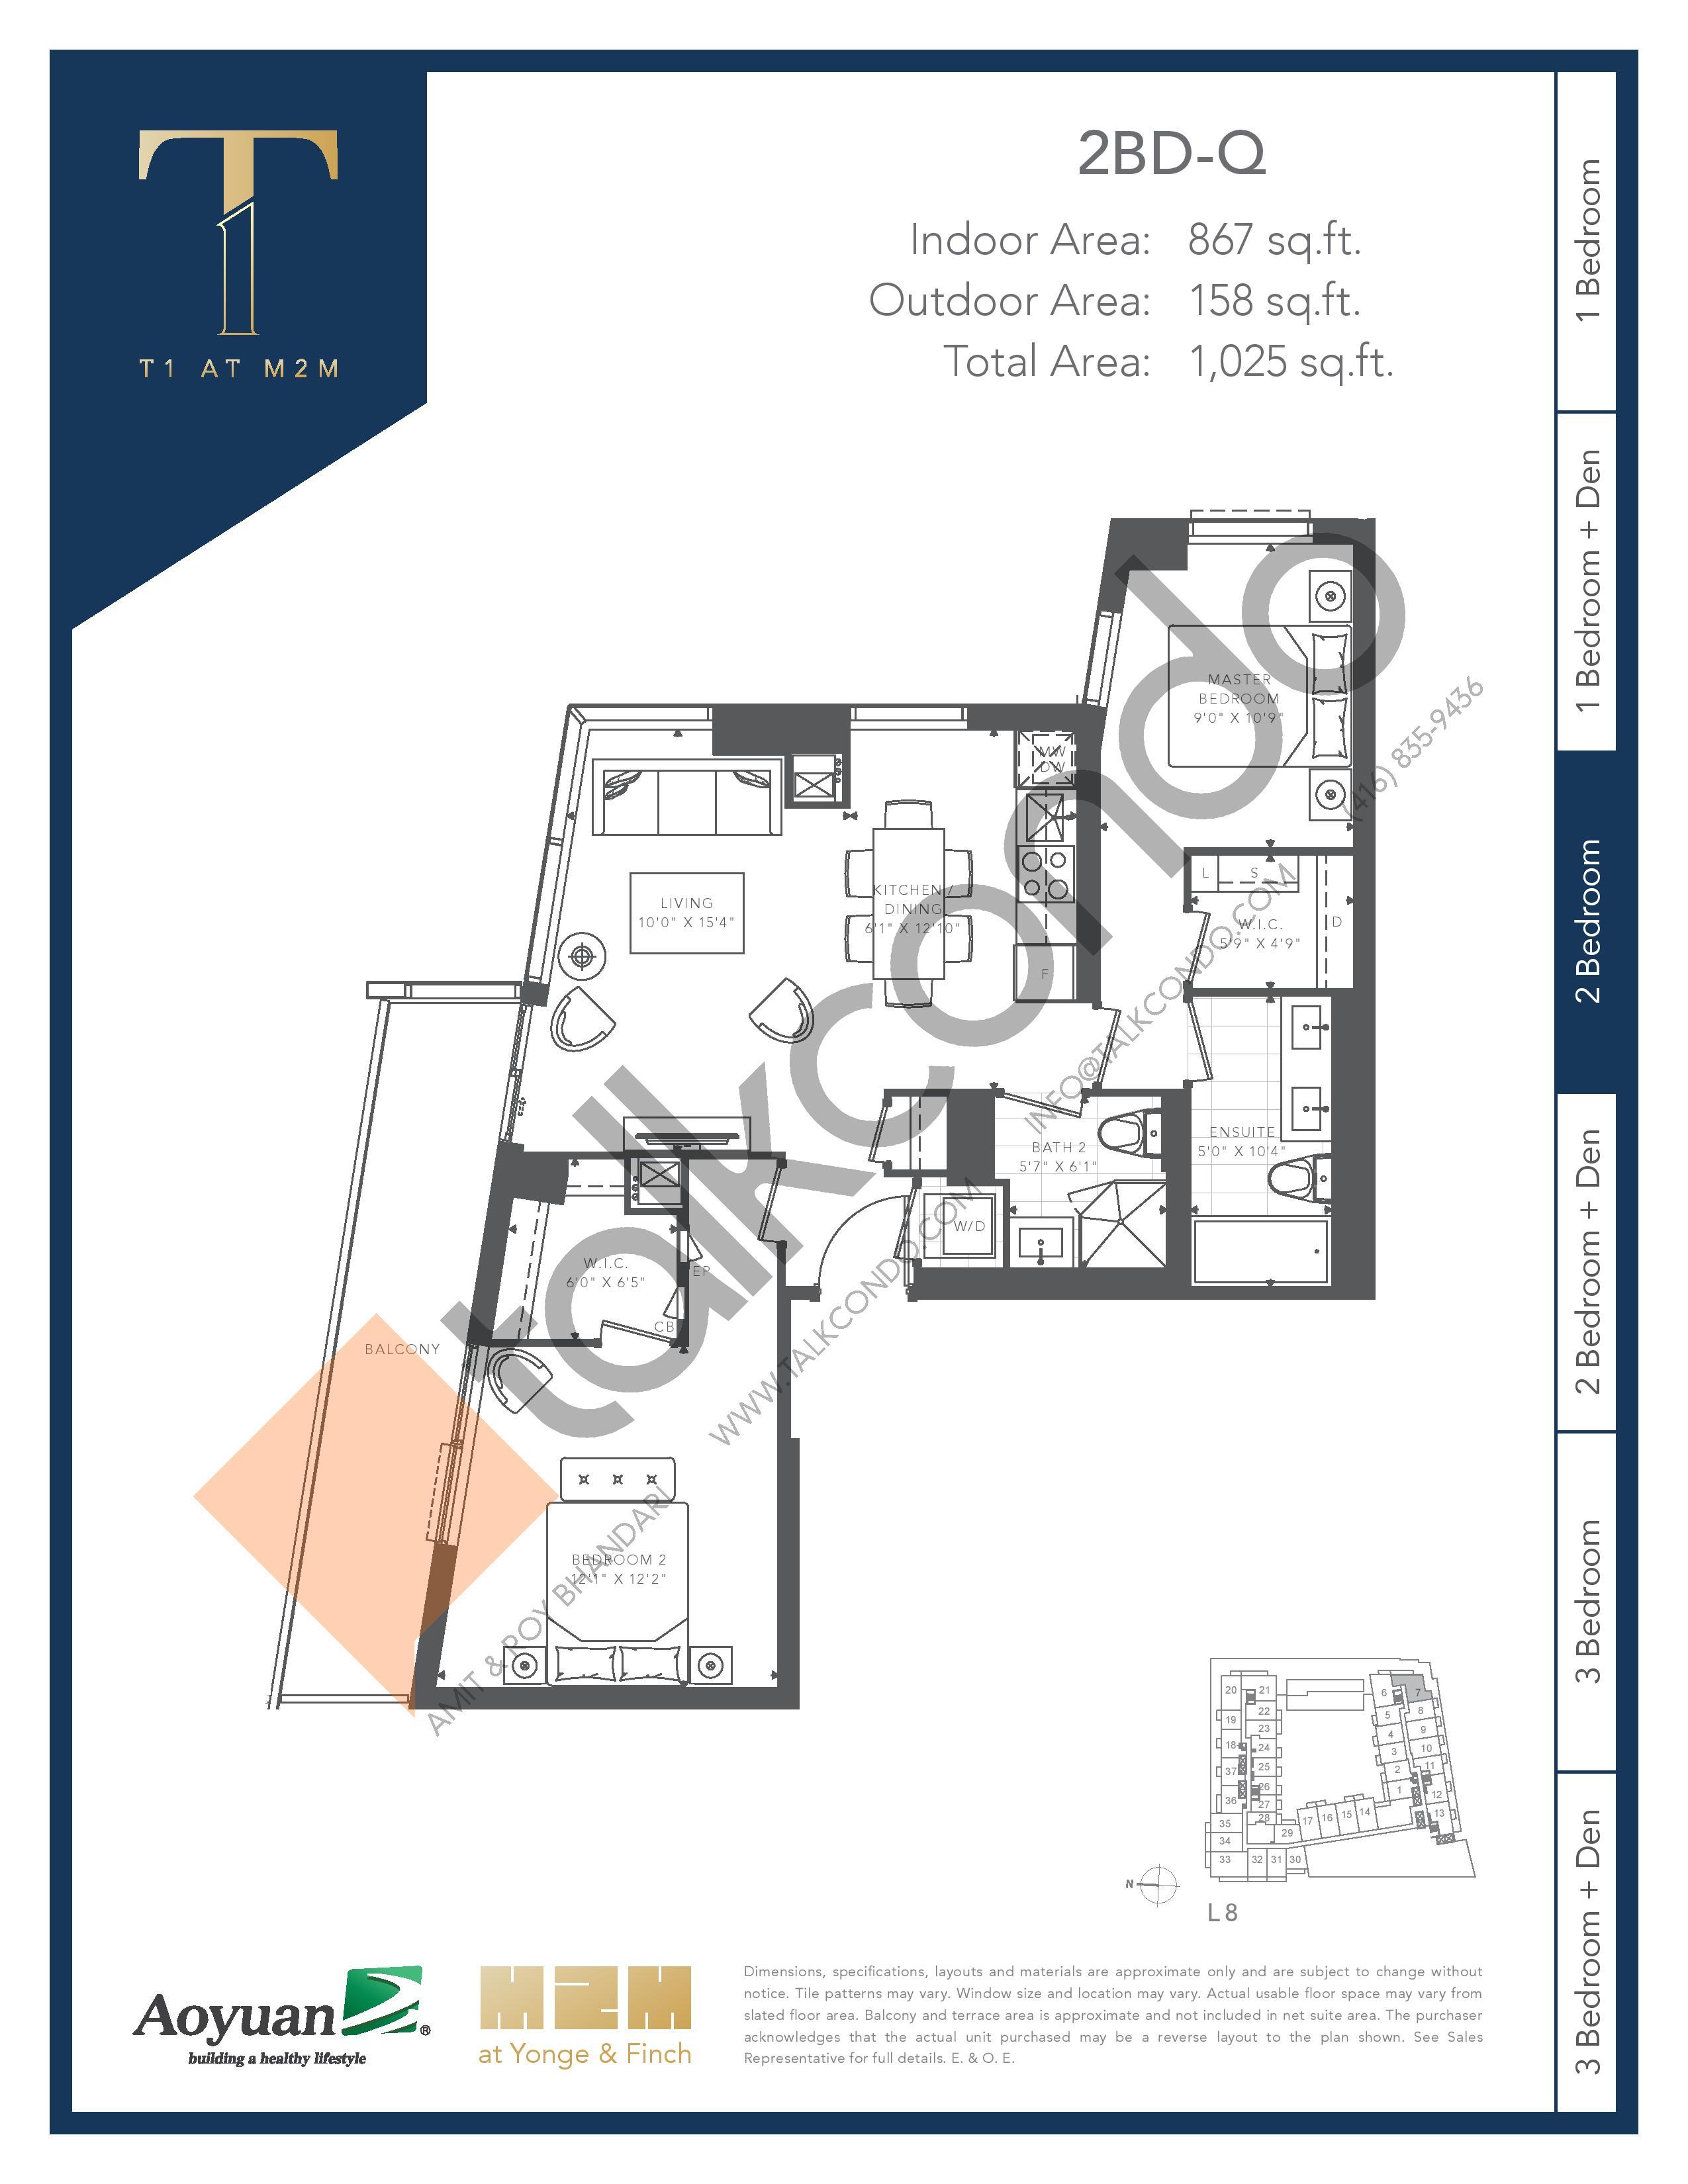 2BD-Q Floor Plan at T1 at M2M Condos - 867 sq.ft